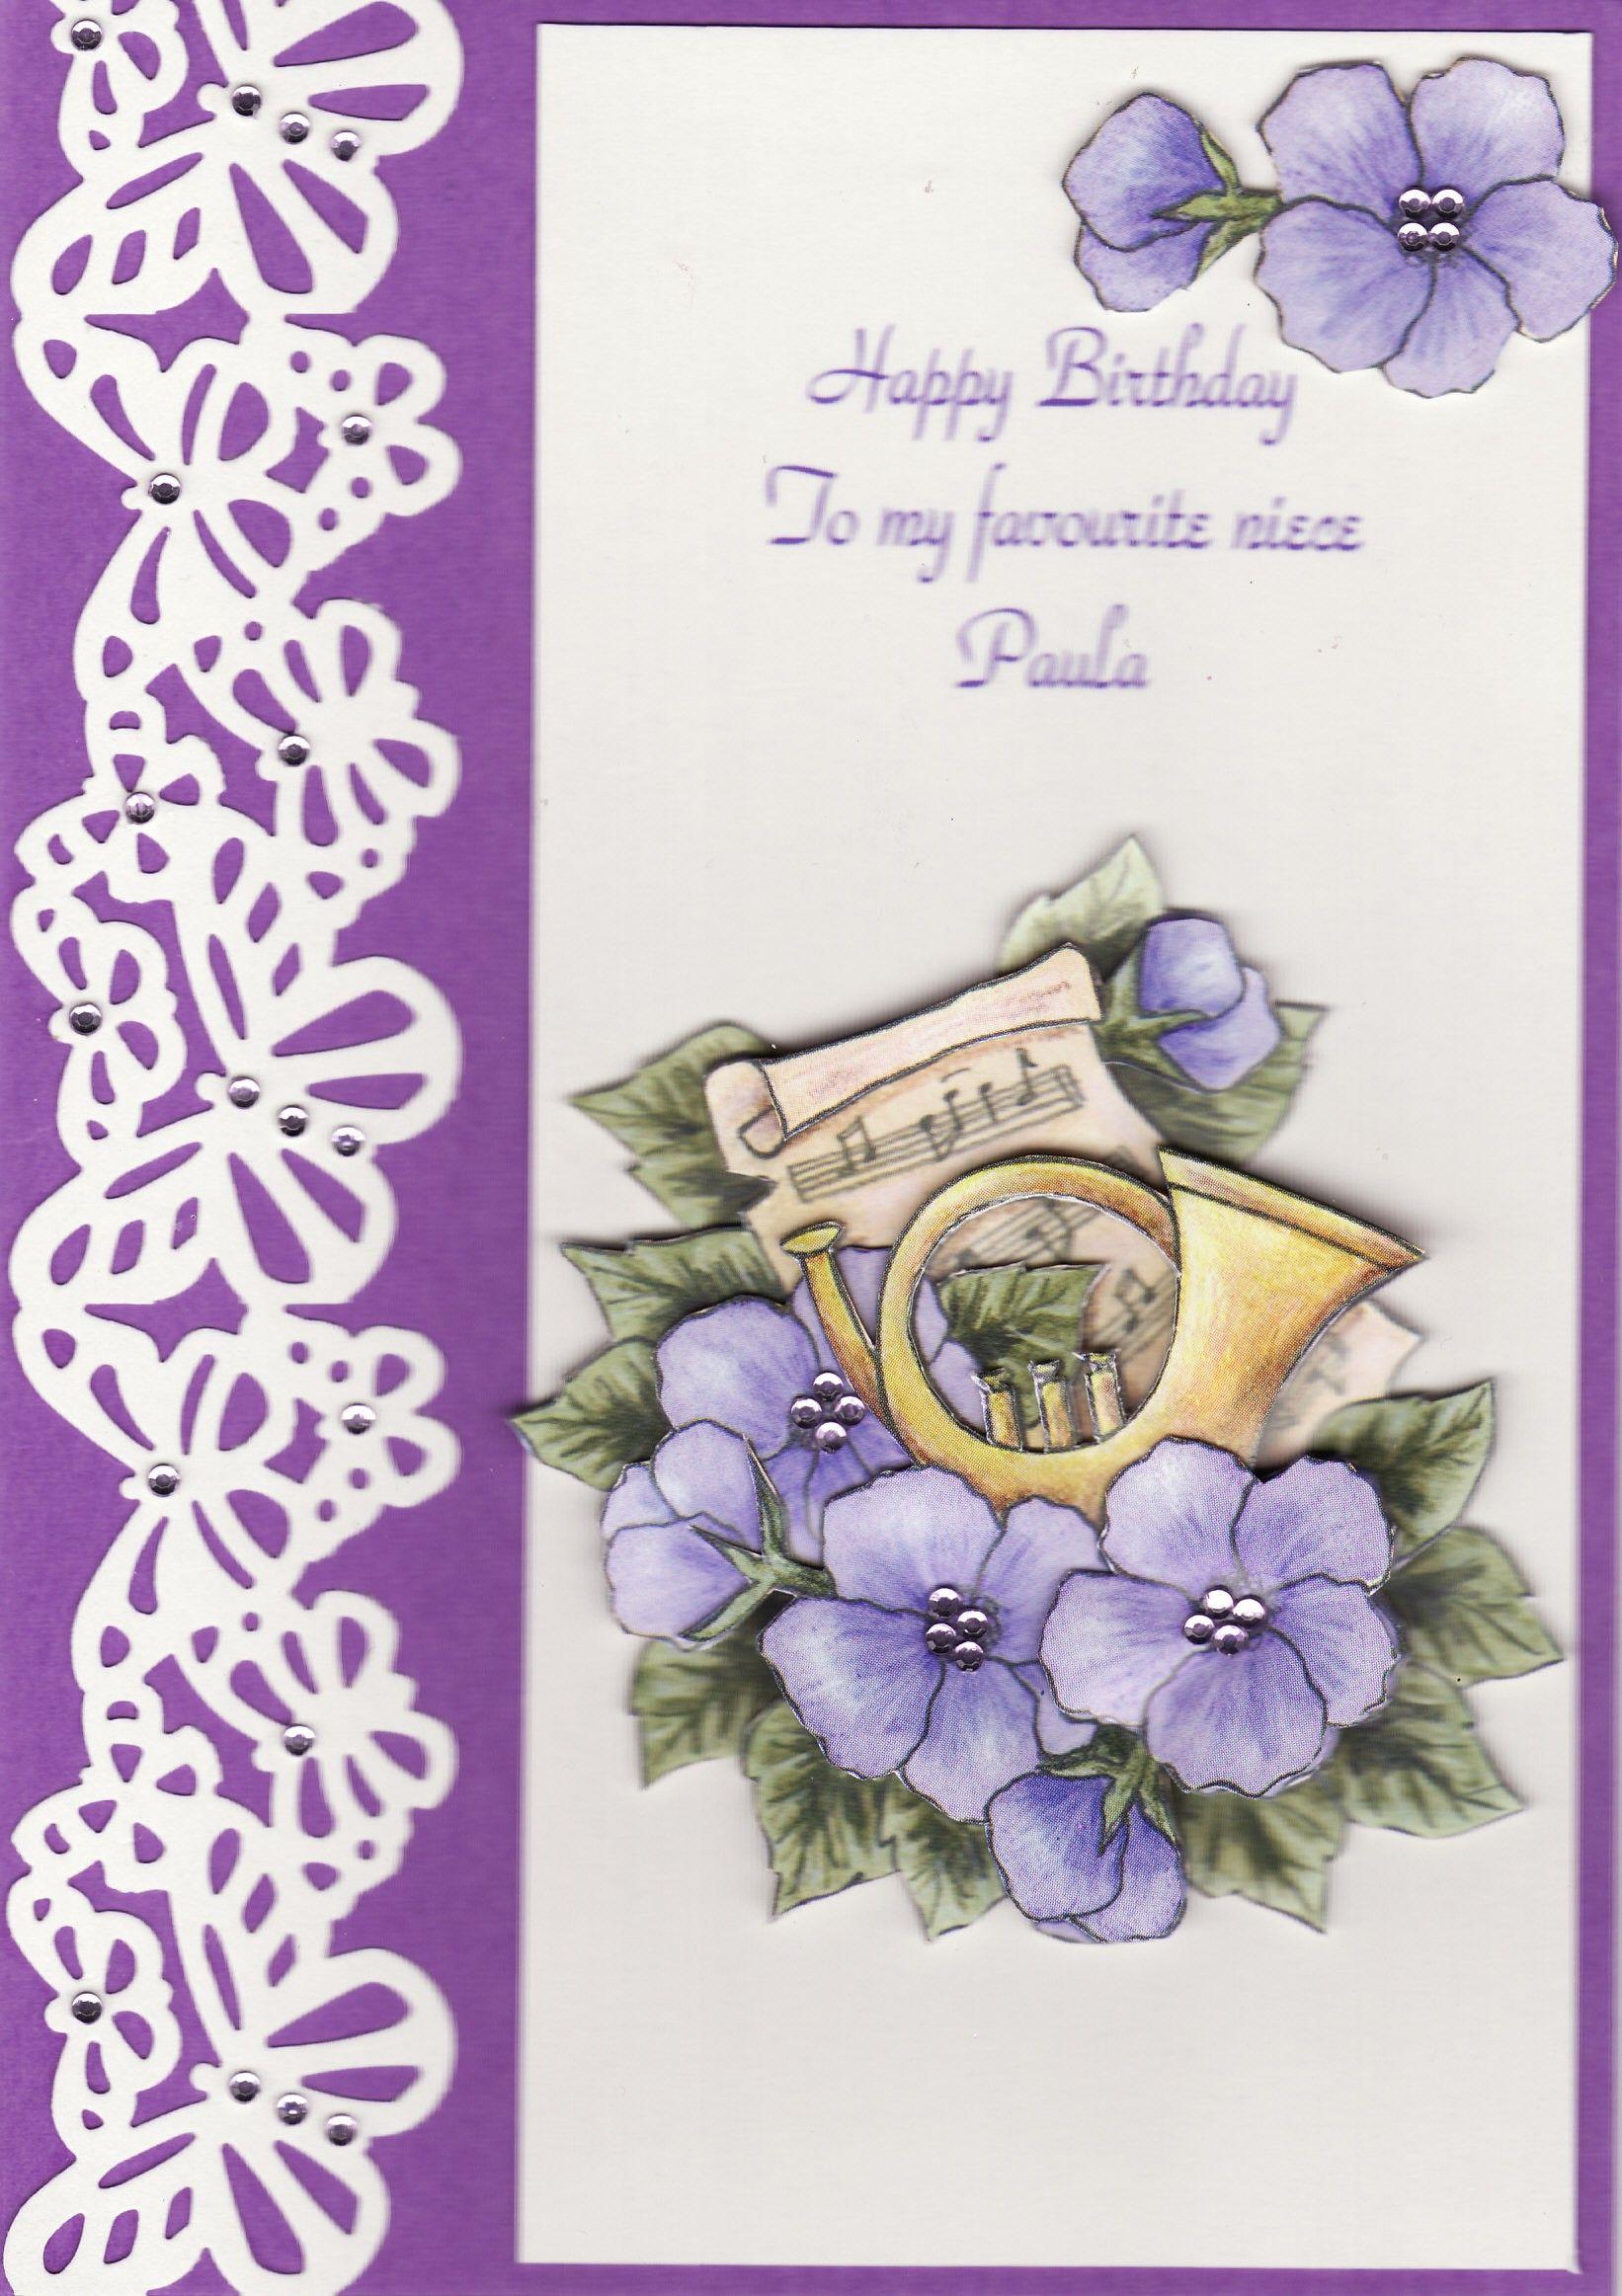 3d Happy Birthday To My Favourite Niece Paula By Tassie